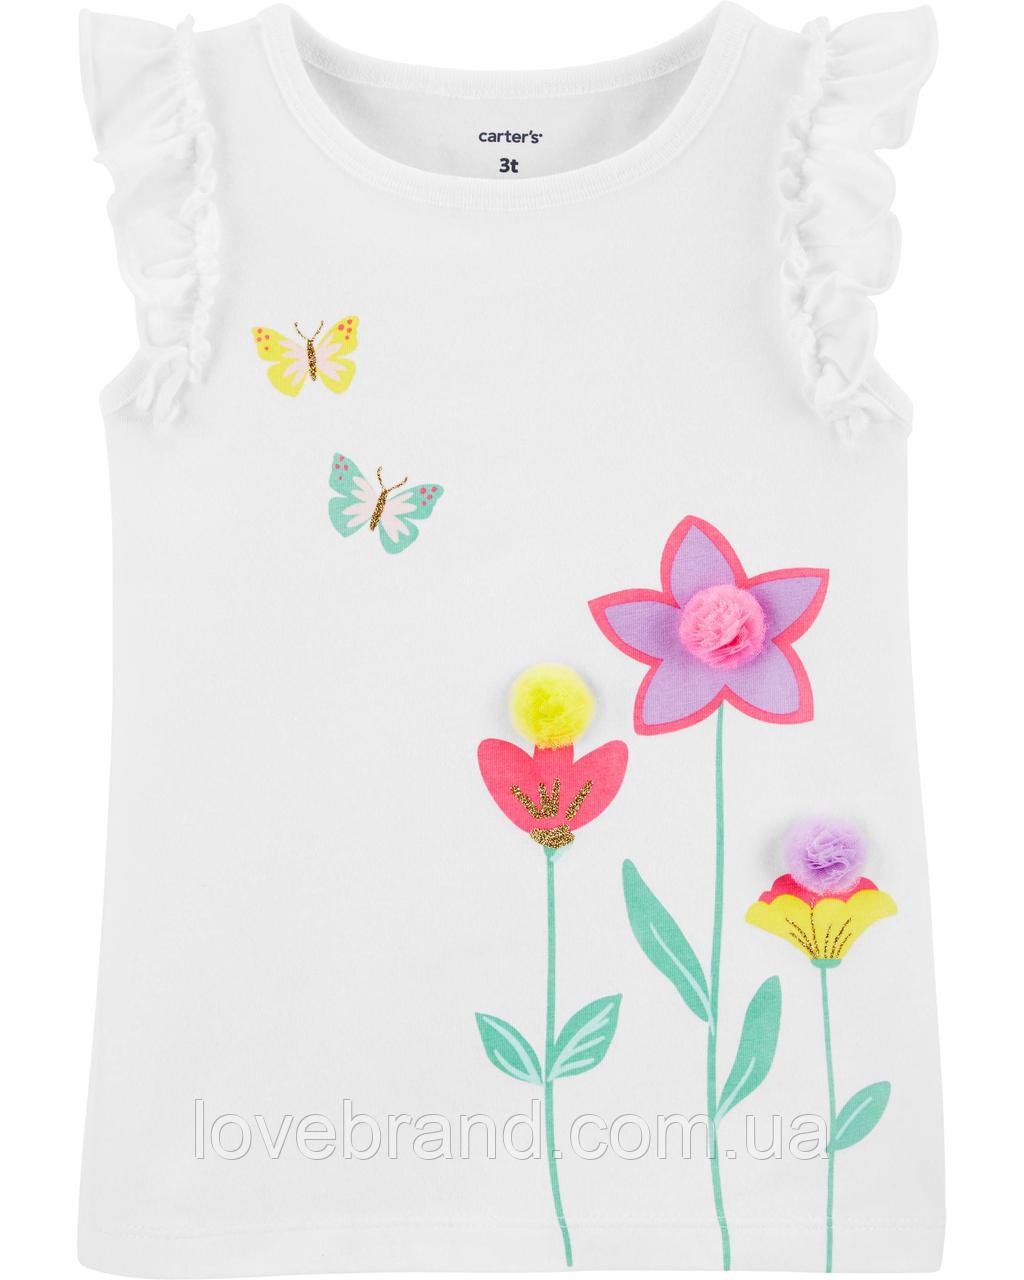 Нарядная маечка для девочки Carter's белая в цветочки для новорожденных